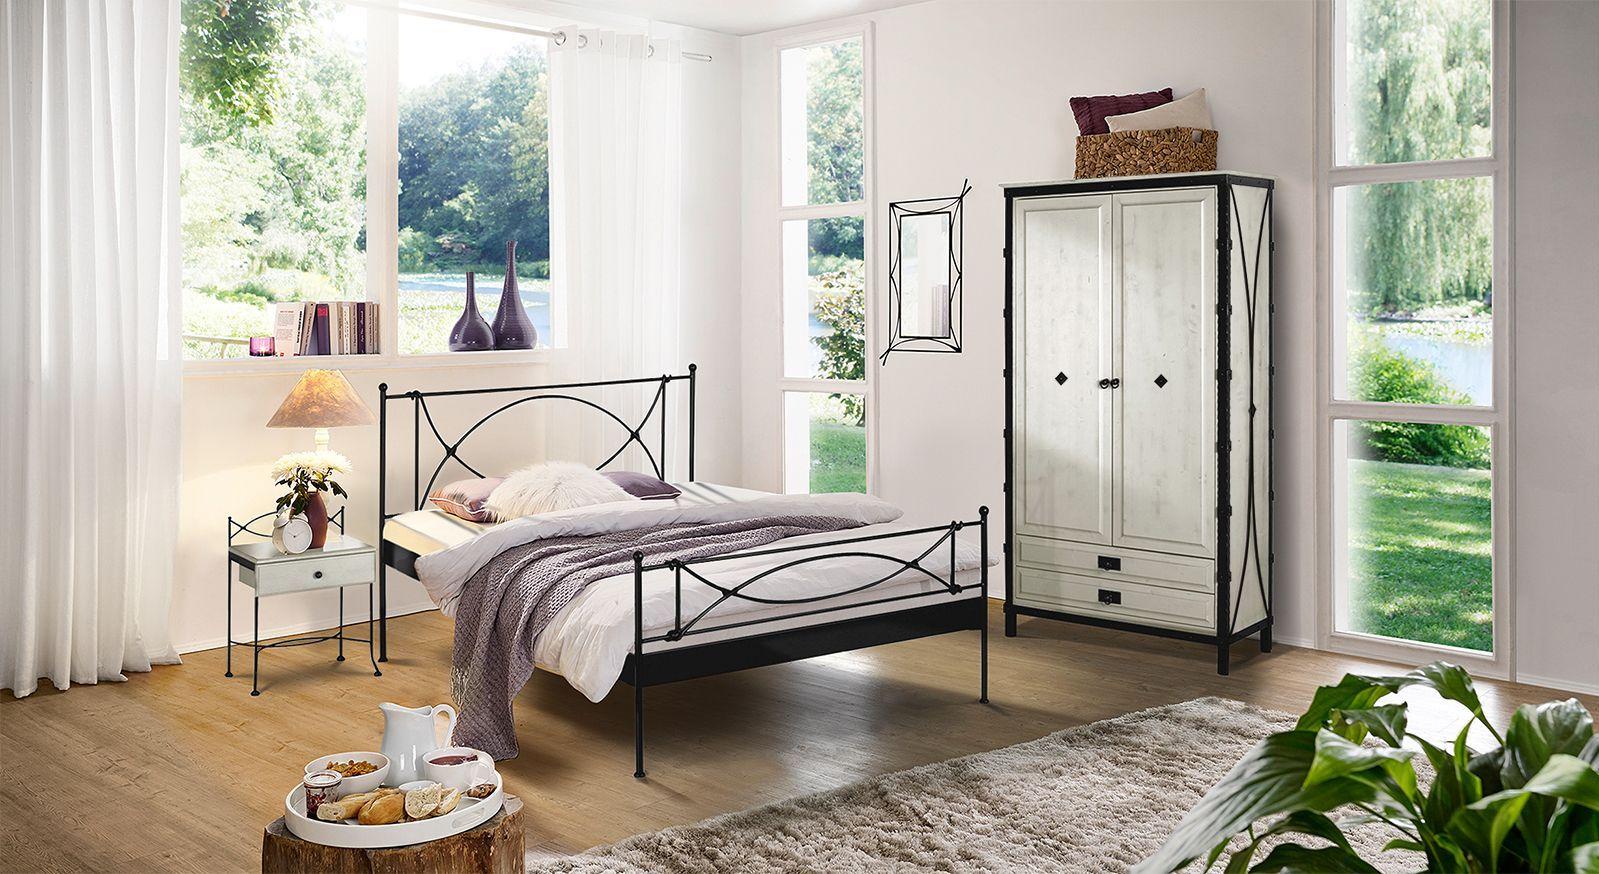 Schlafzimmer im Komplettangebot mit Metallbett - Ordino